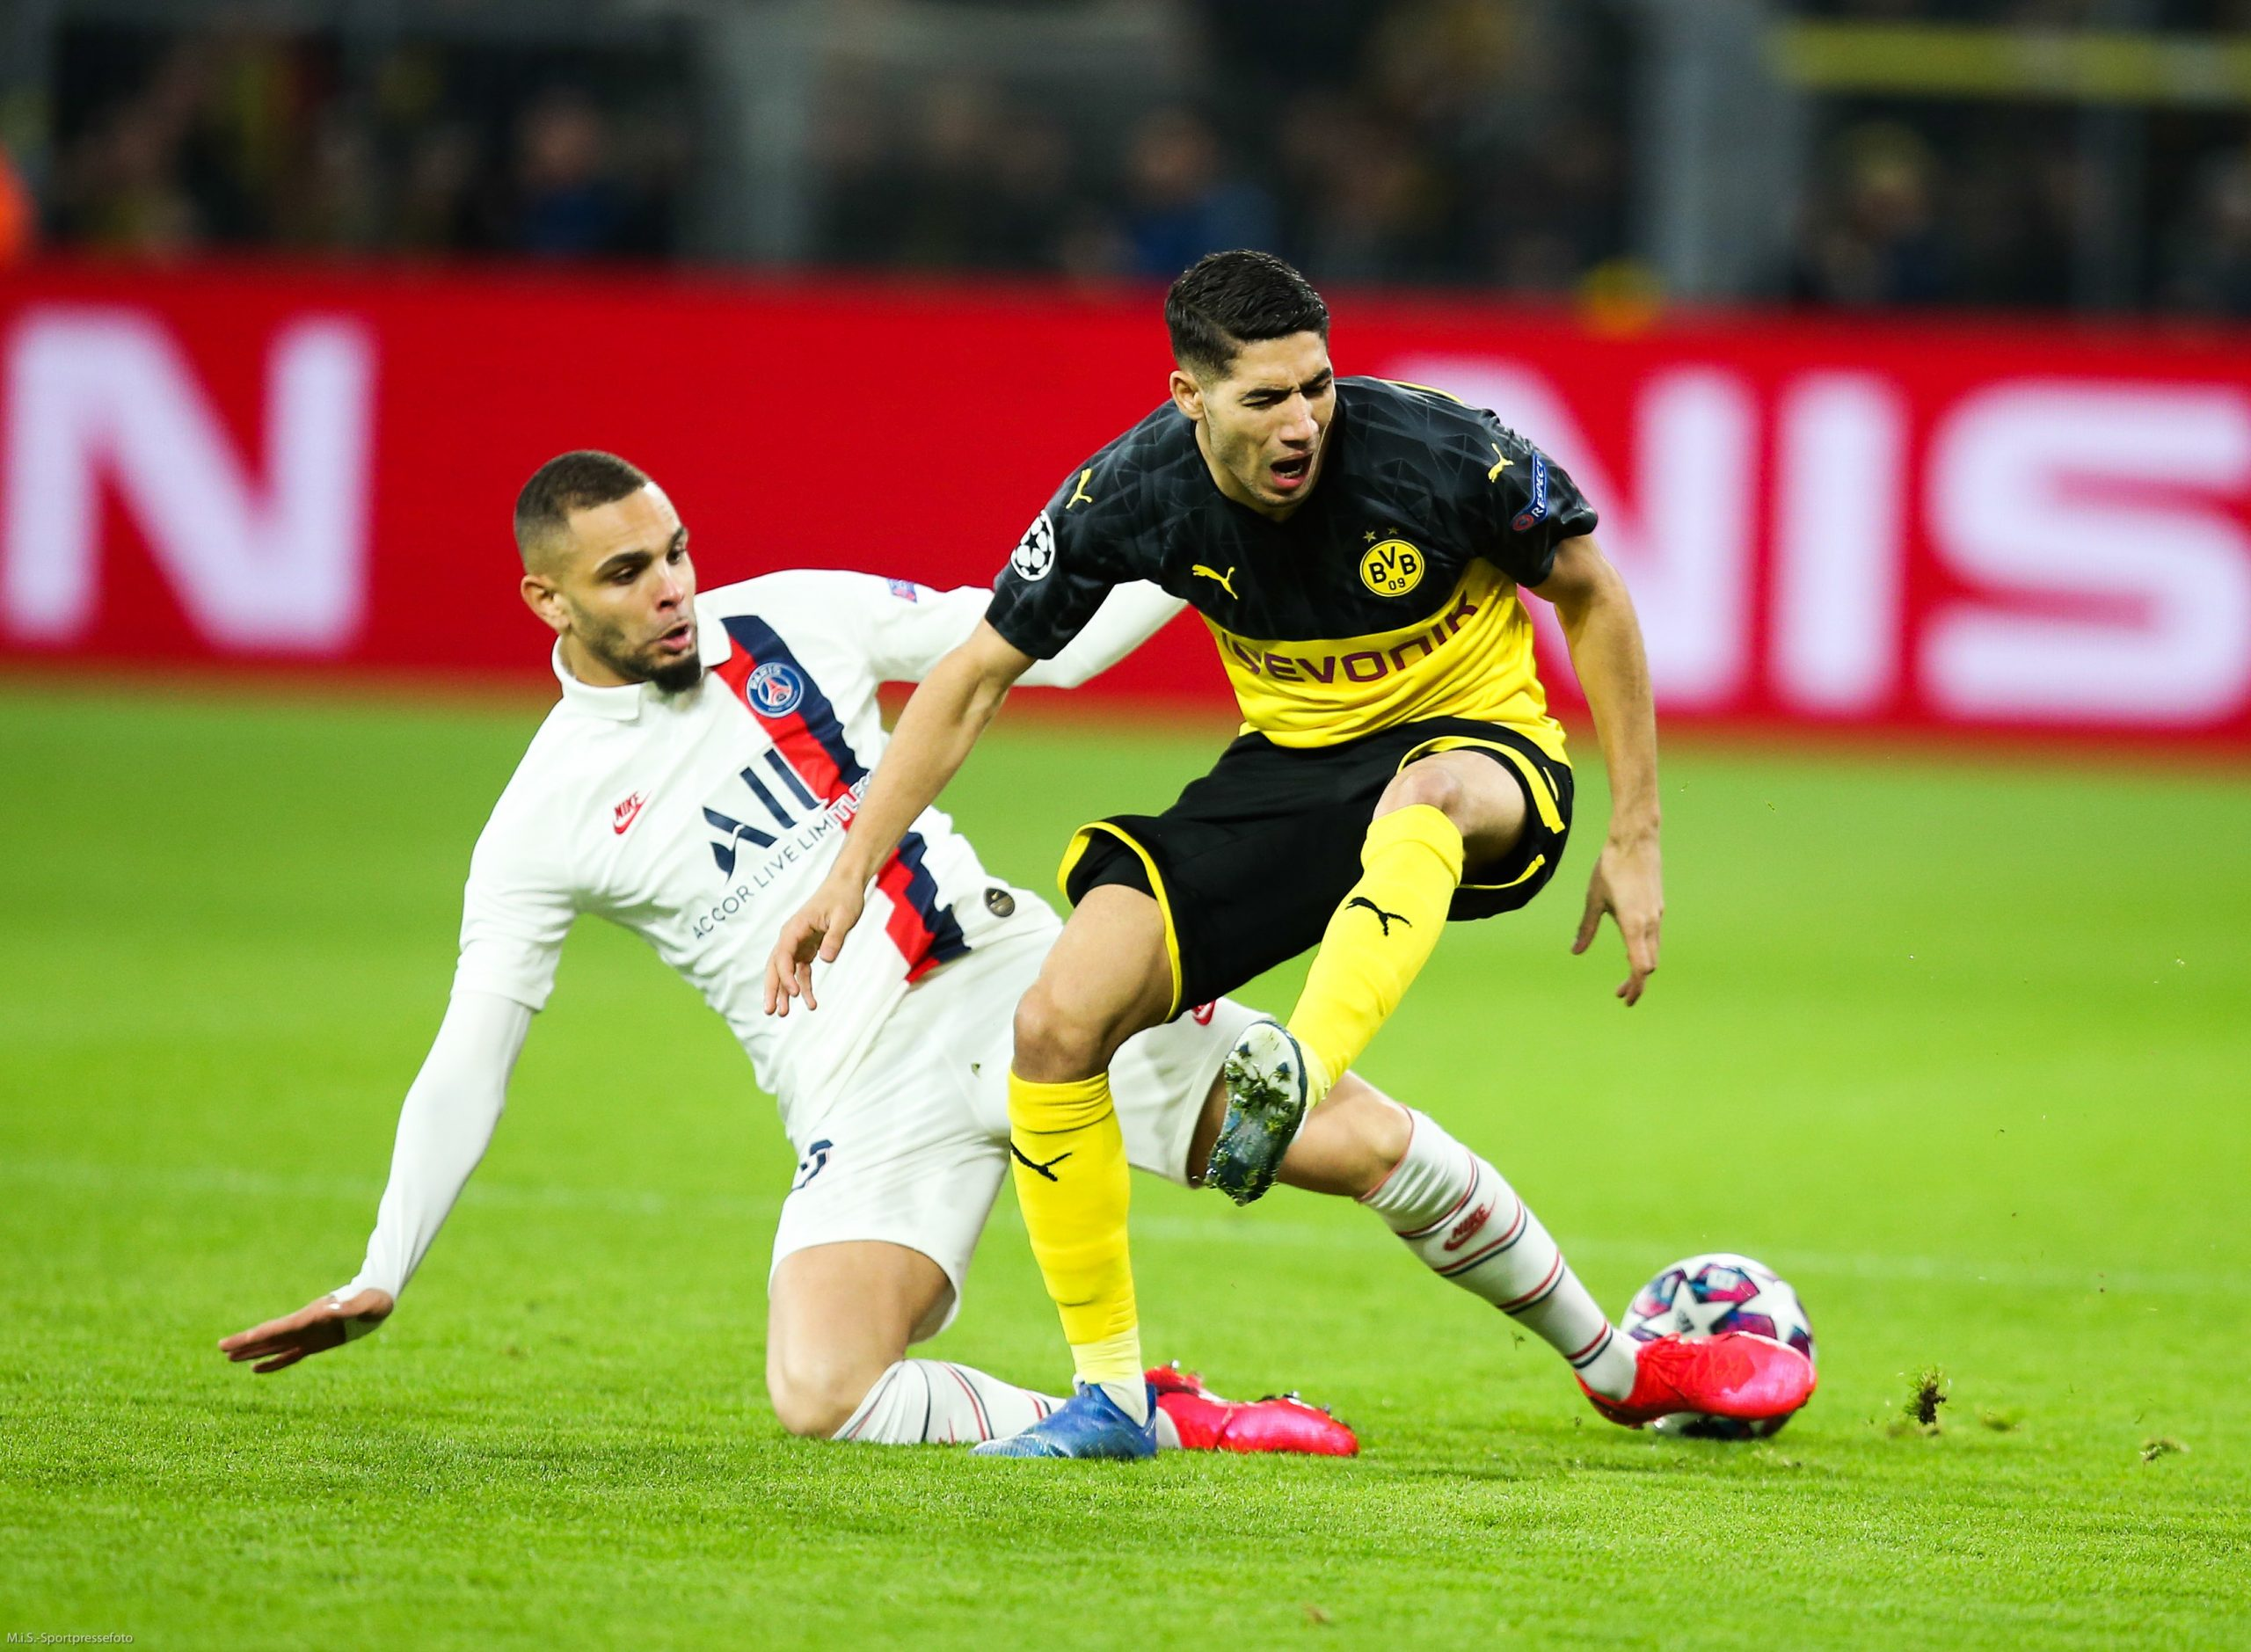 """Mercato - Le PSG a 4 cibles au poste d'arrière droit selon Foot Mercato et Hakimi est """"intéressé"""""""